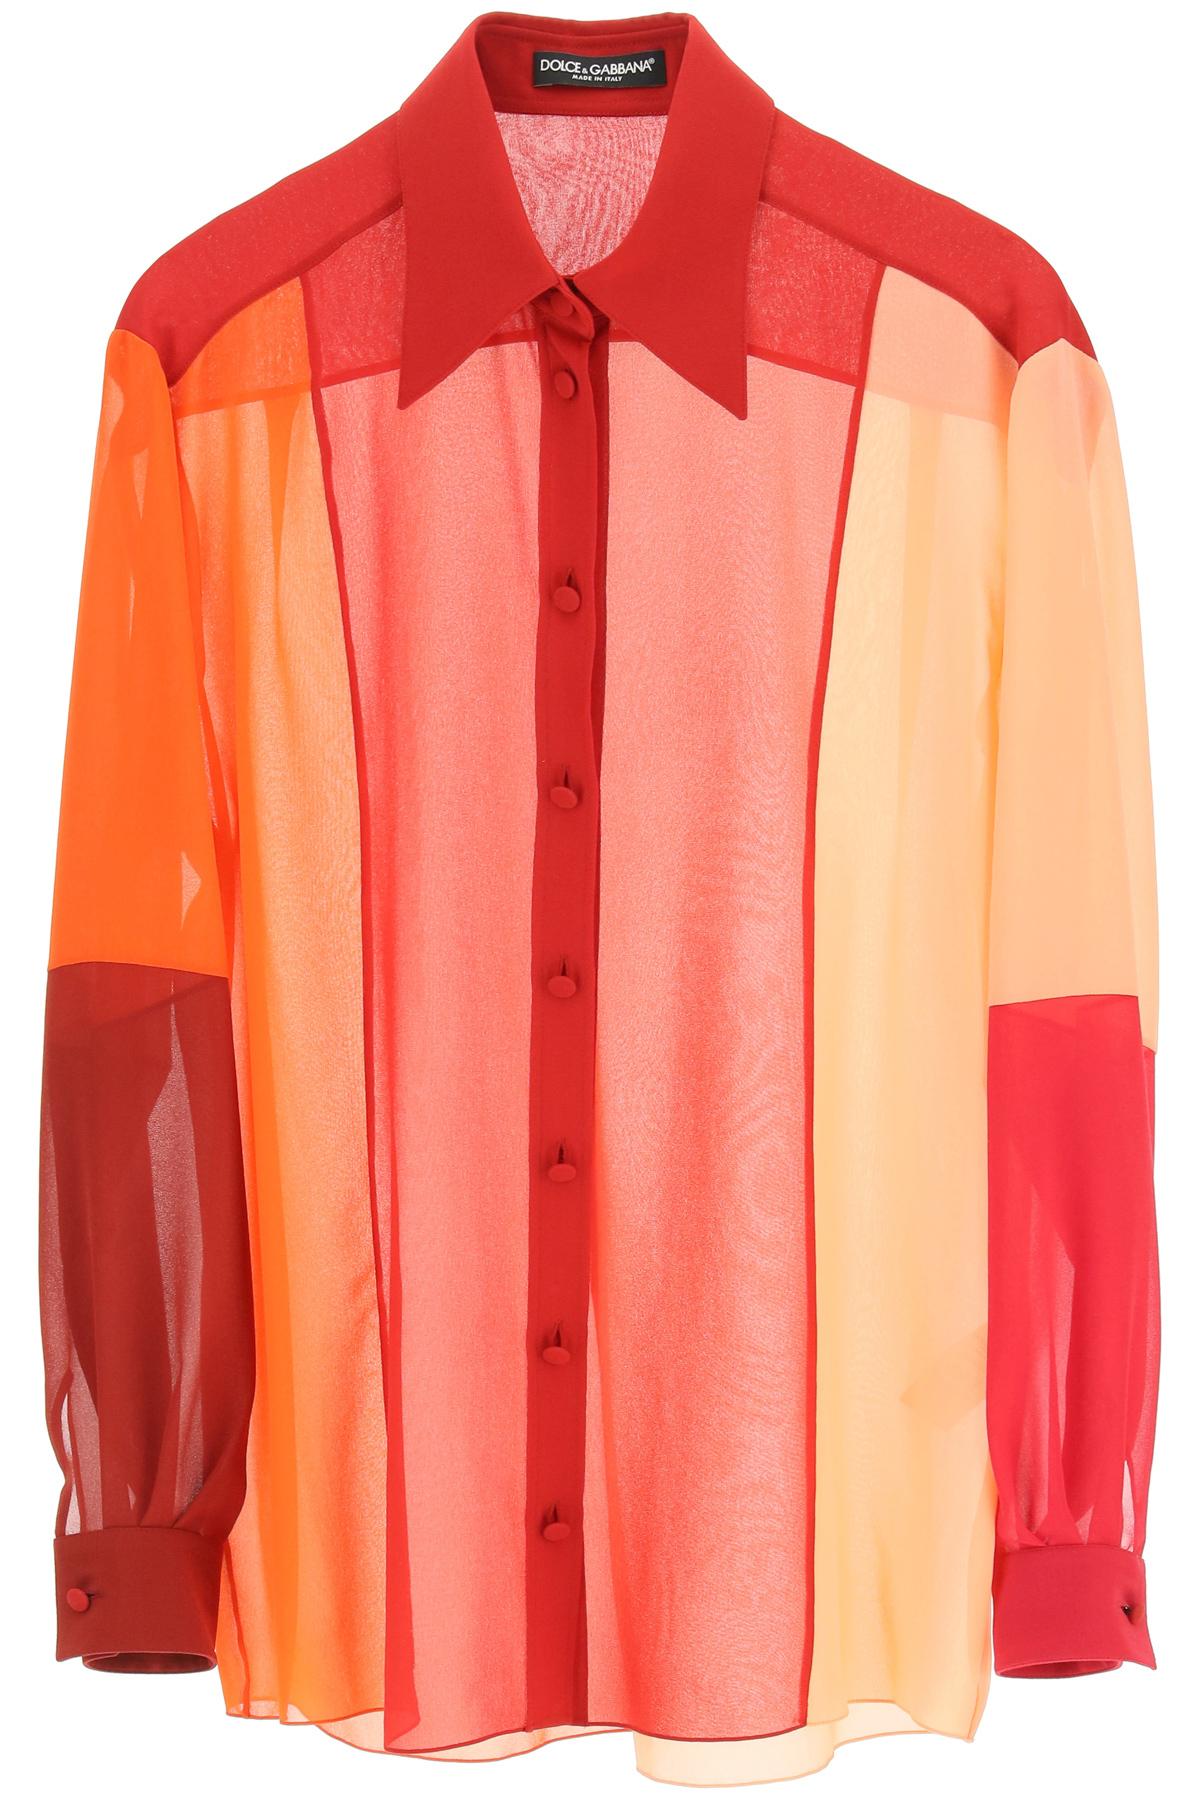 Dolce & gabbana camicia in georgette patchwork